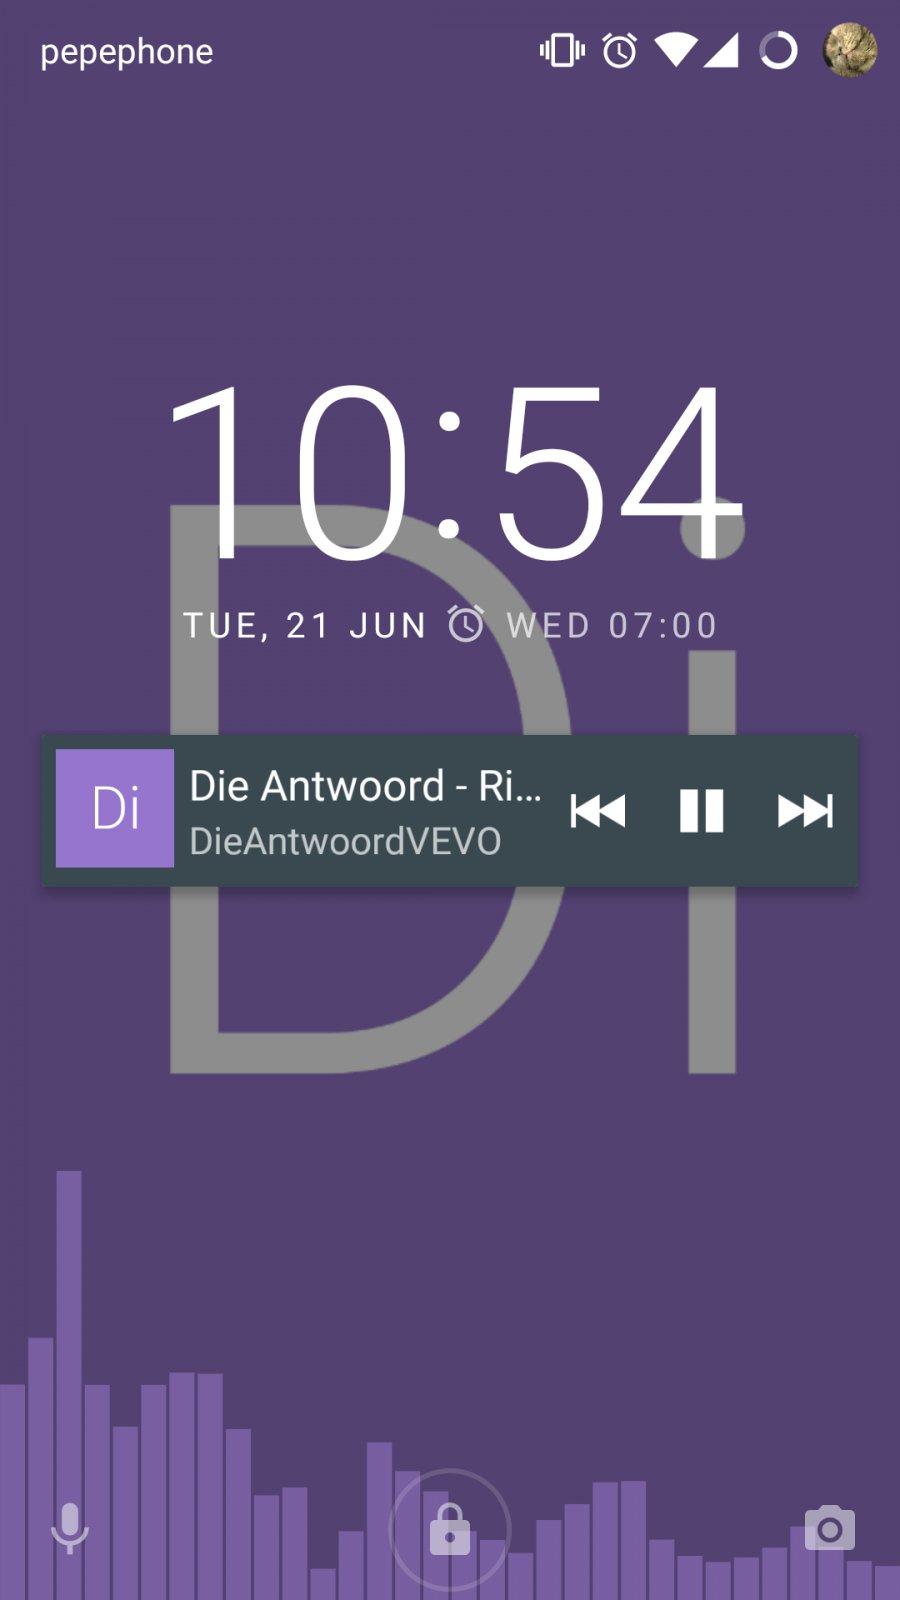 TéléchargezYMusic 3 2 2 APK gratuit pour votre Android